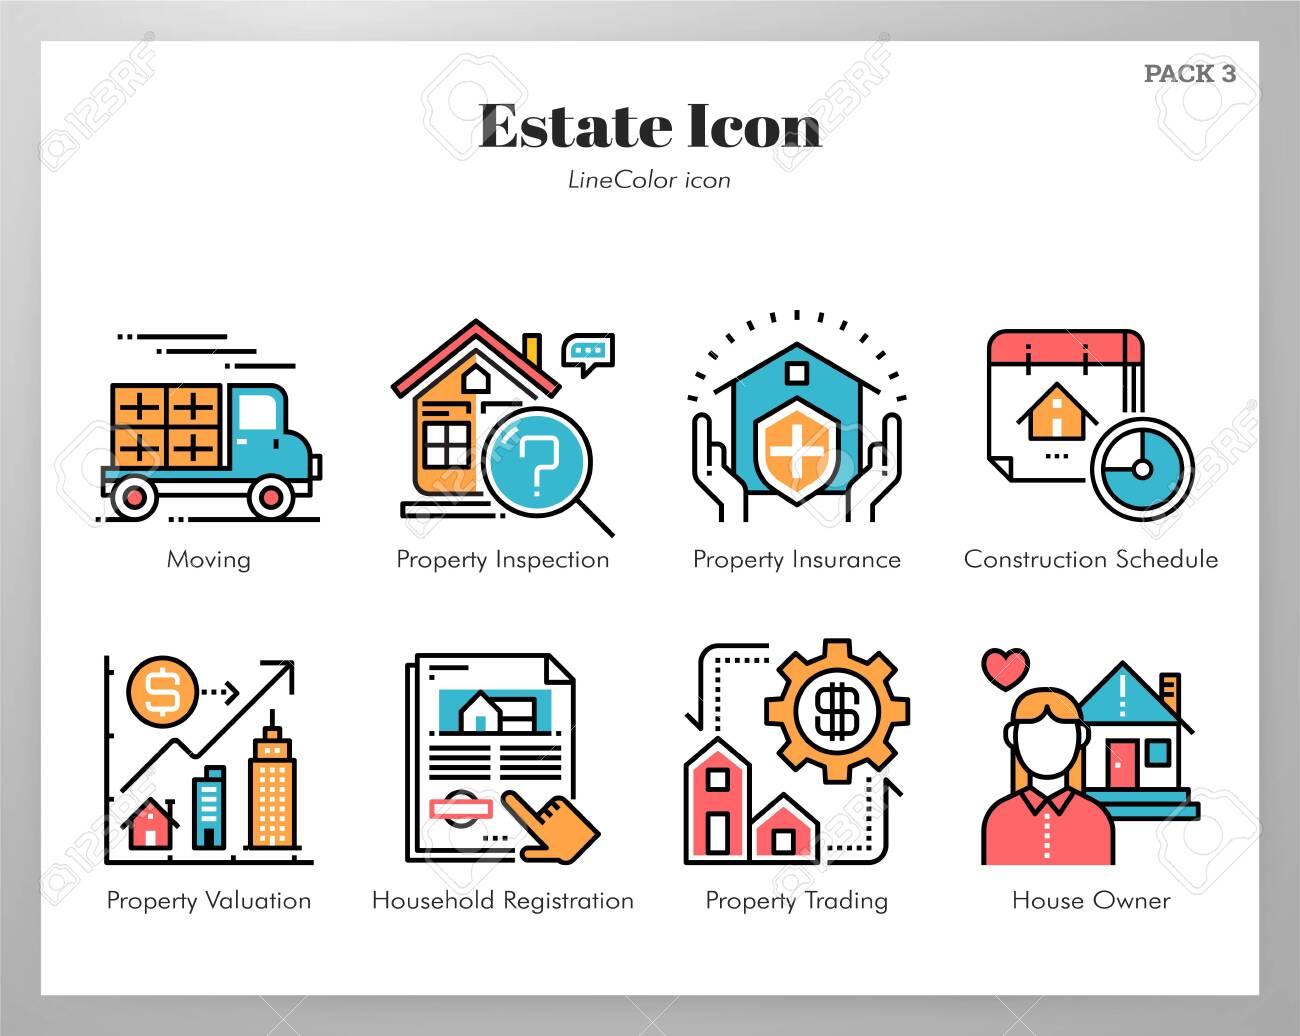 Estate vector illustration in line color design - 126642219